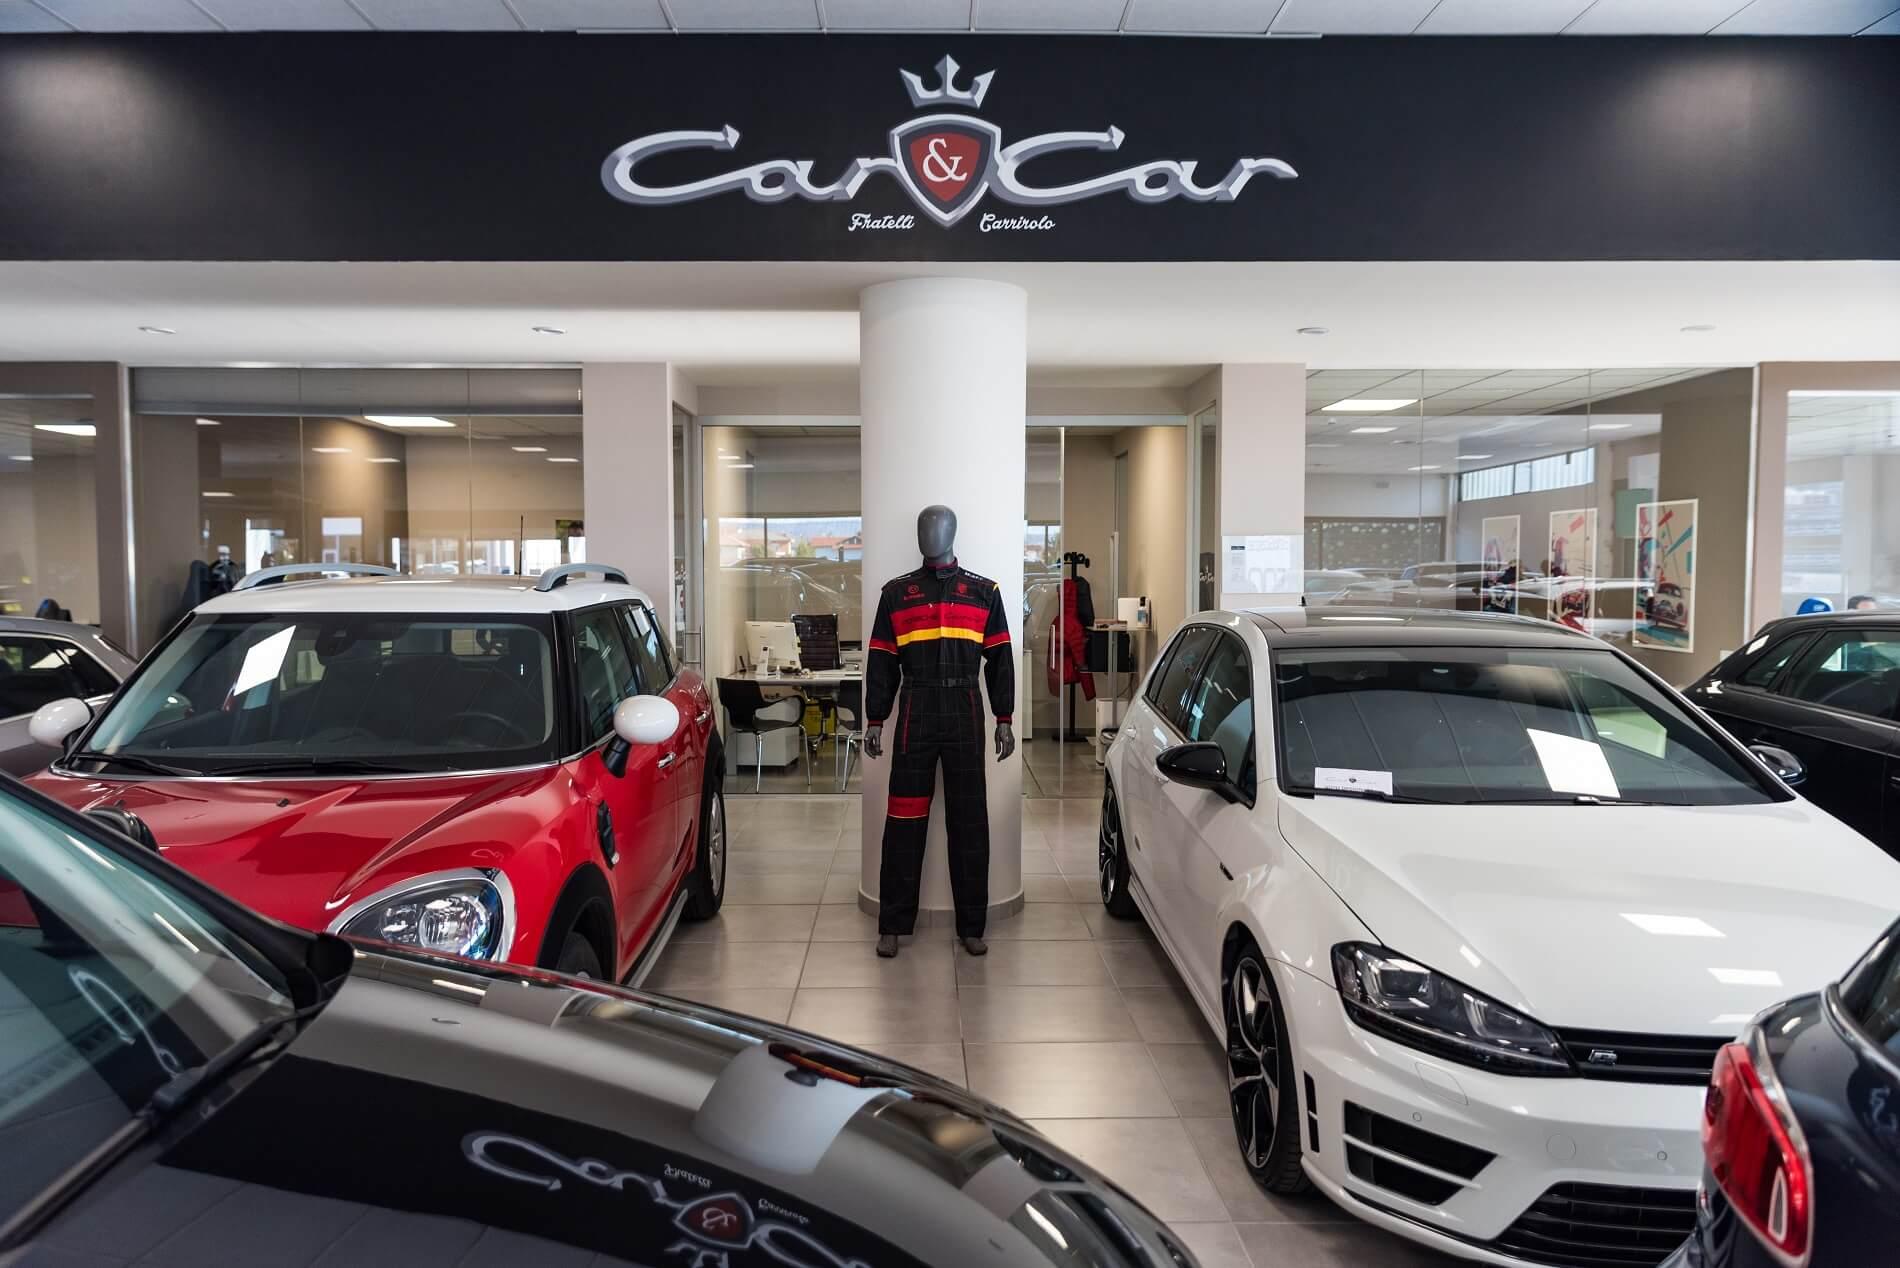 Foto del logo e del salone Car e Car